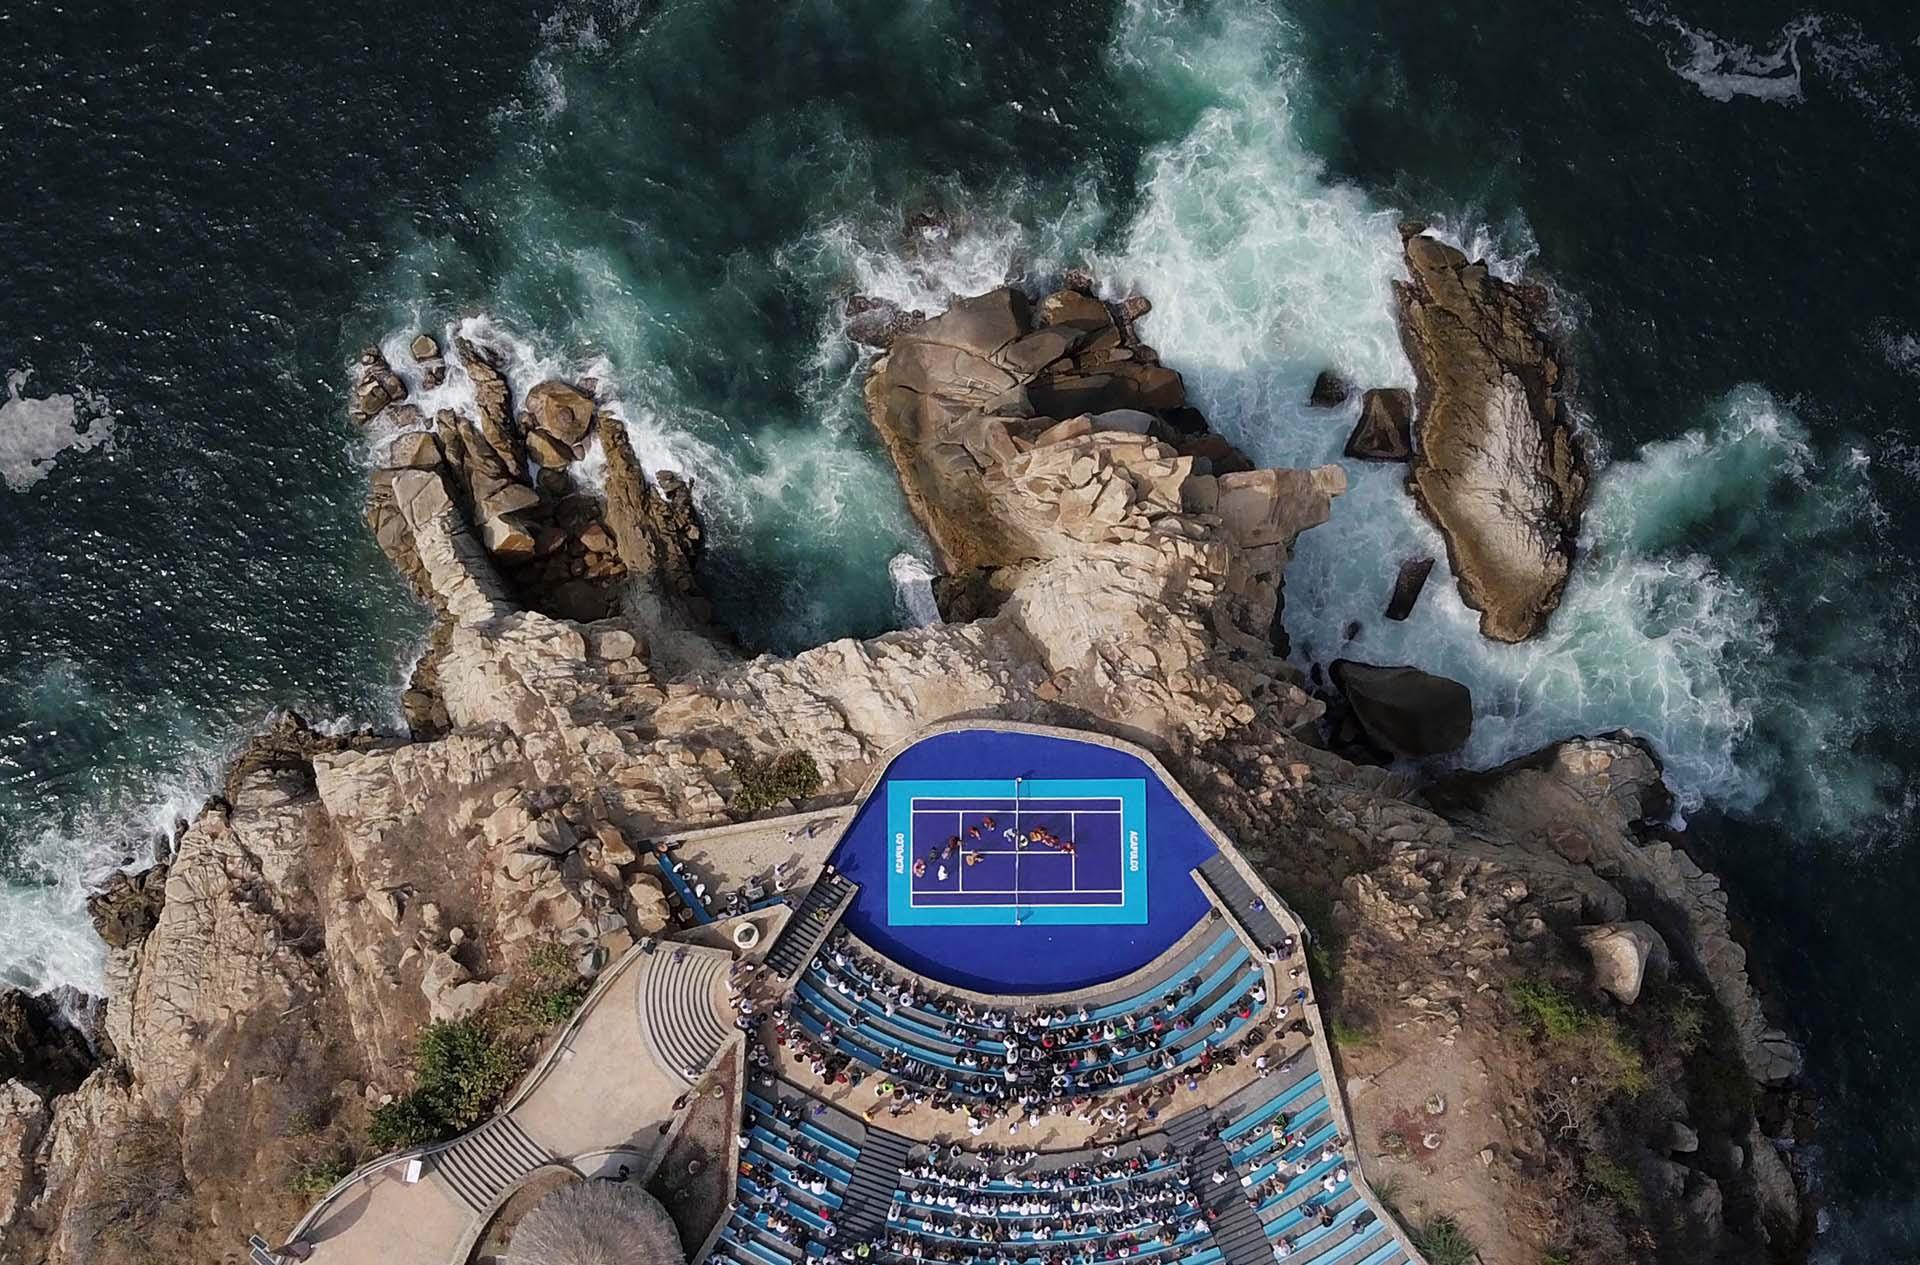 Vista aérea de un grupo de mariachis actúa durante una exhibición de tenis previa al ATP 500 de Acapulco el 26 de febrero